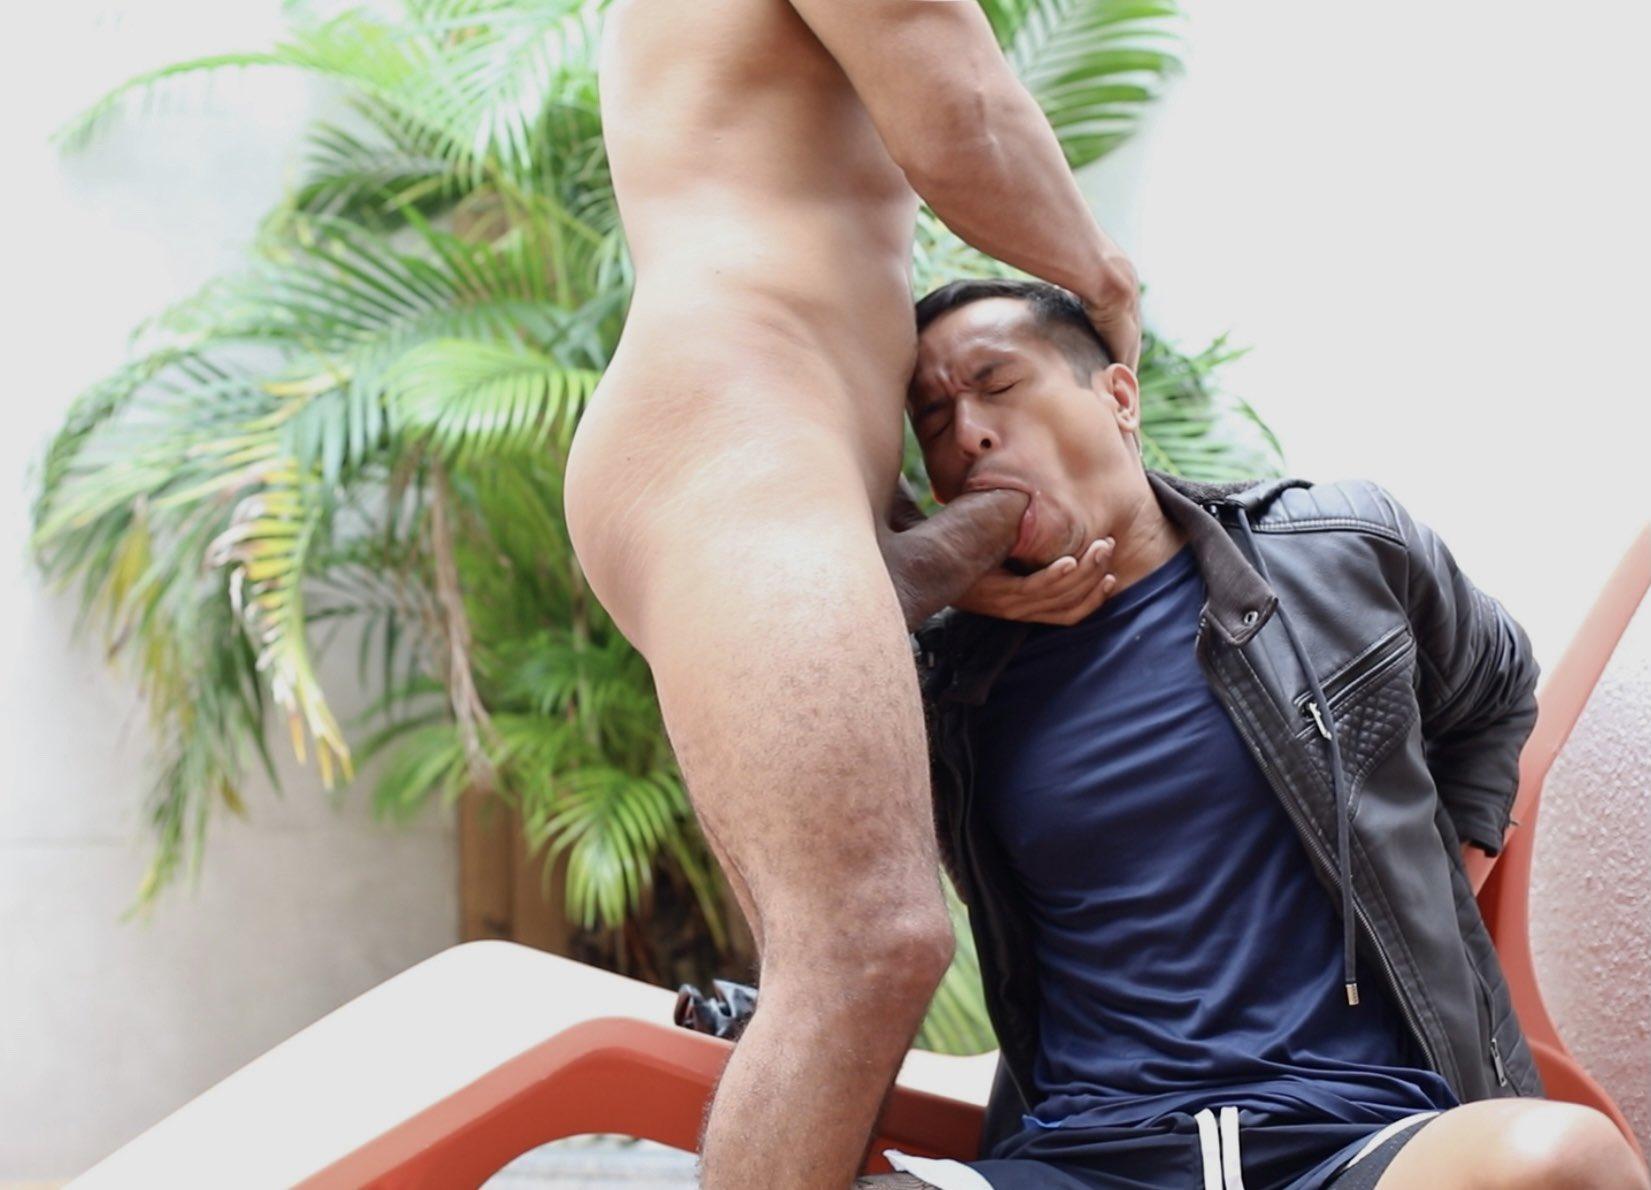 sexo oral con verga grande